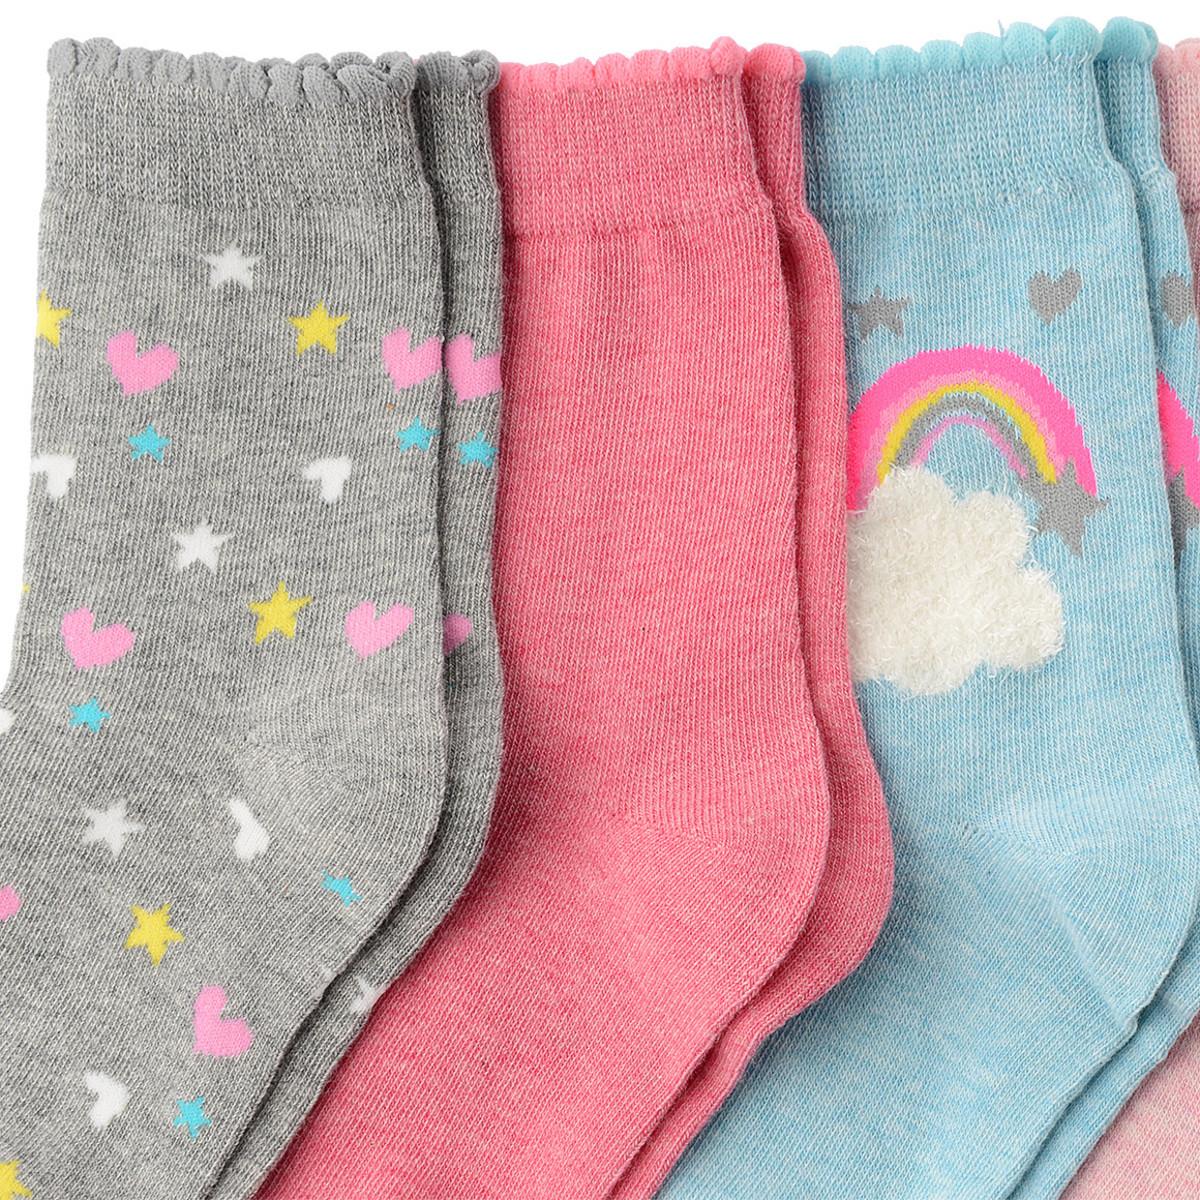 Bild 2 von 5 Paar Mädchen Socken mit Motiv